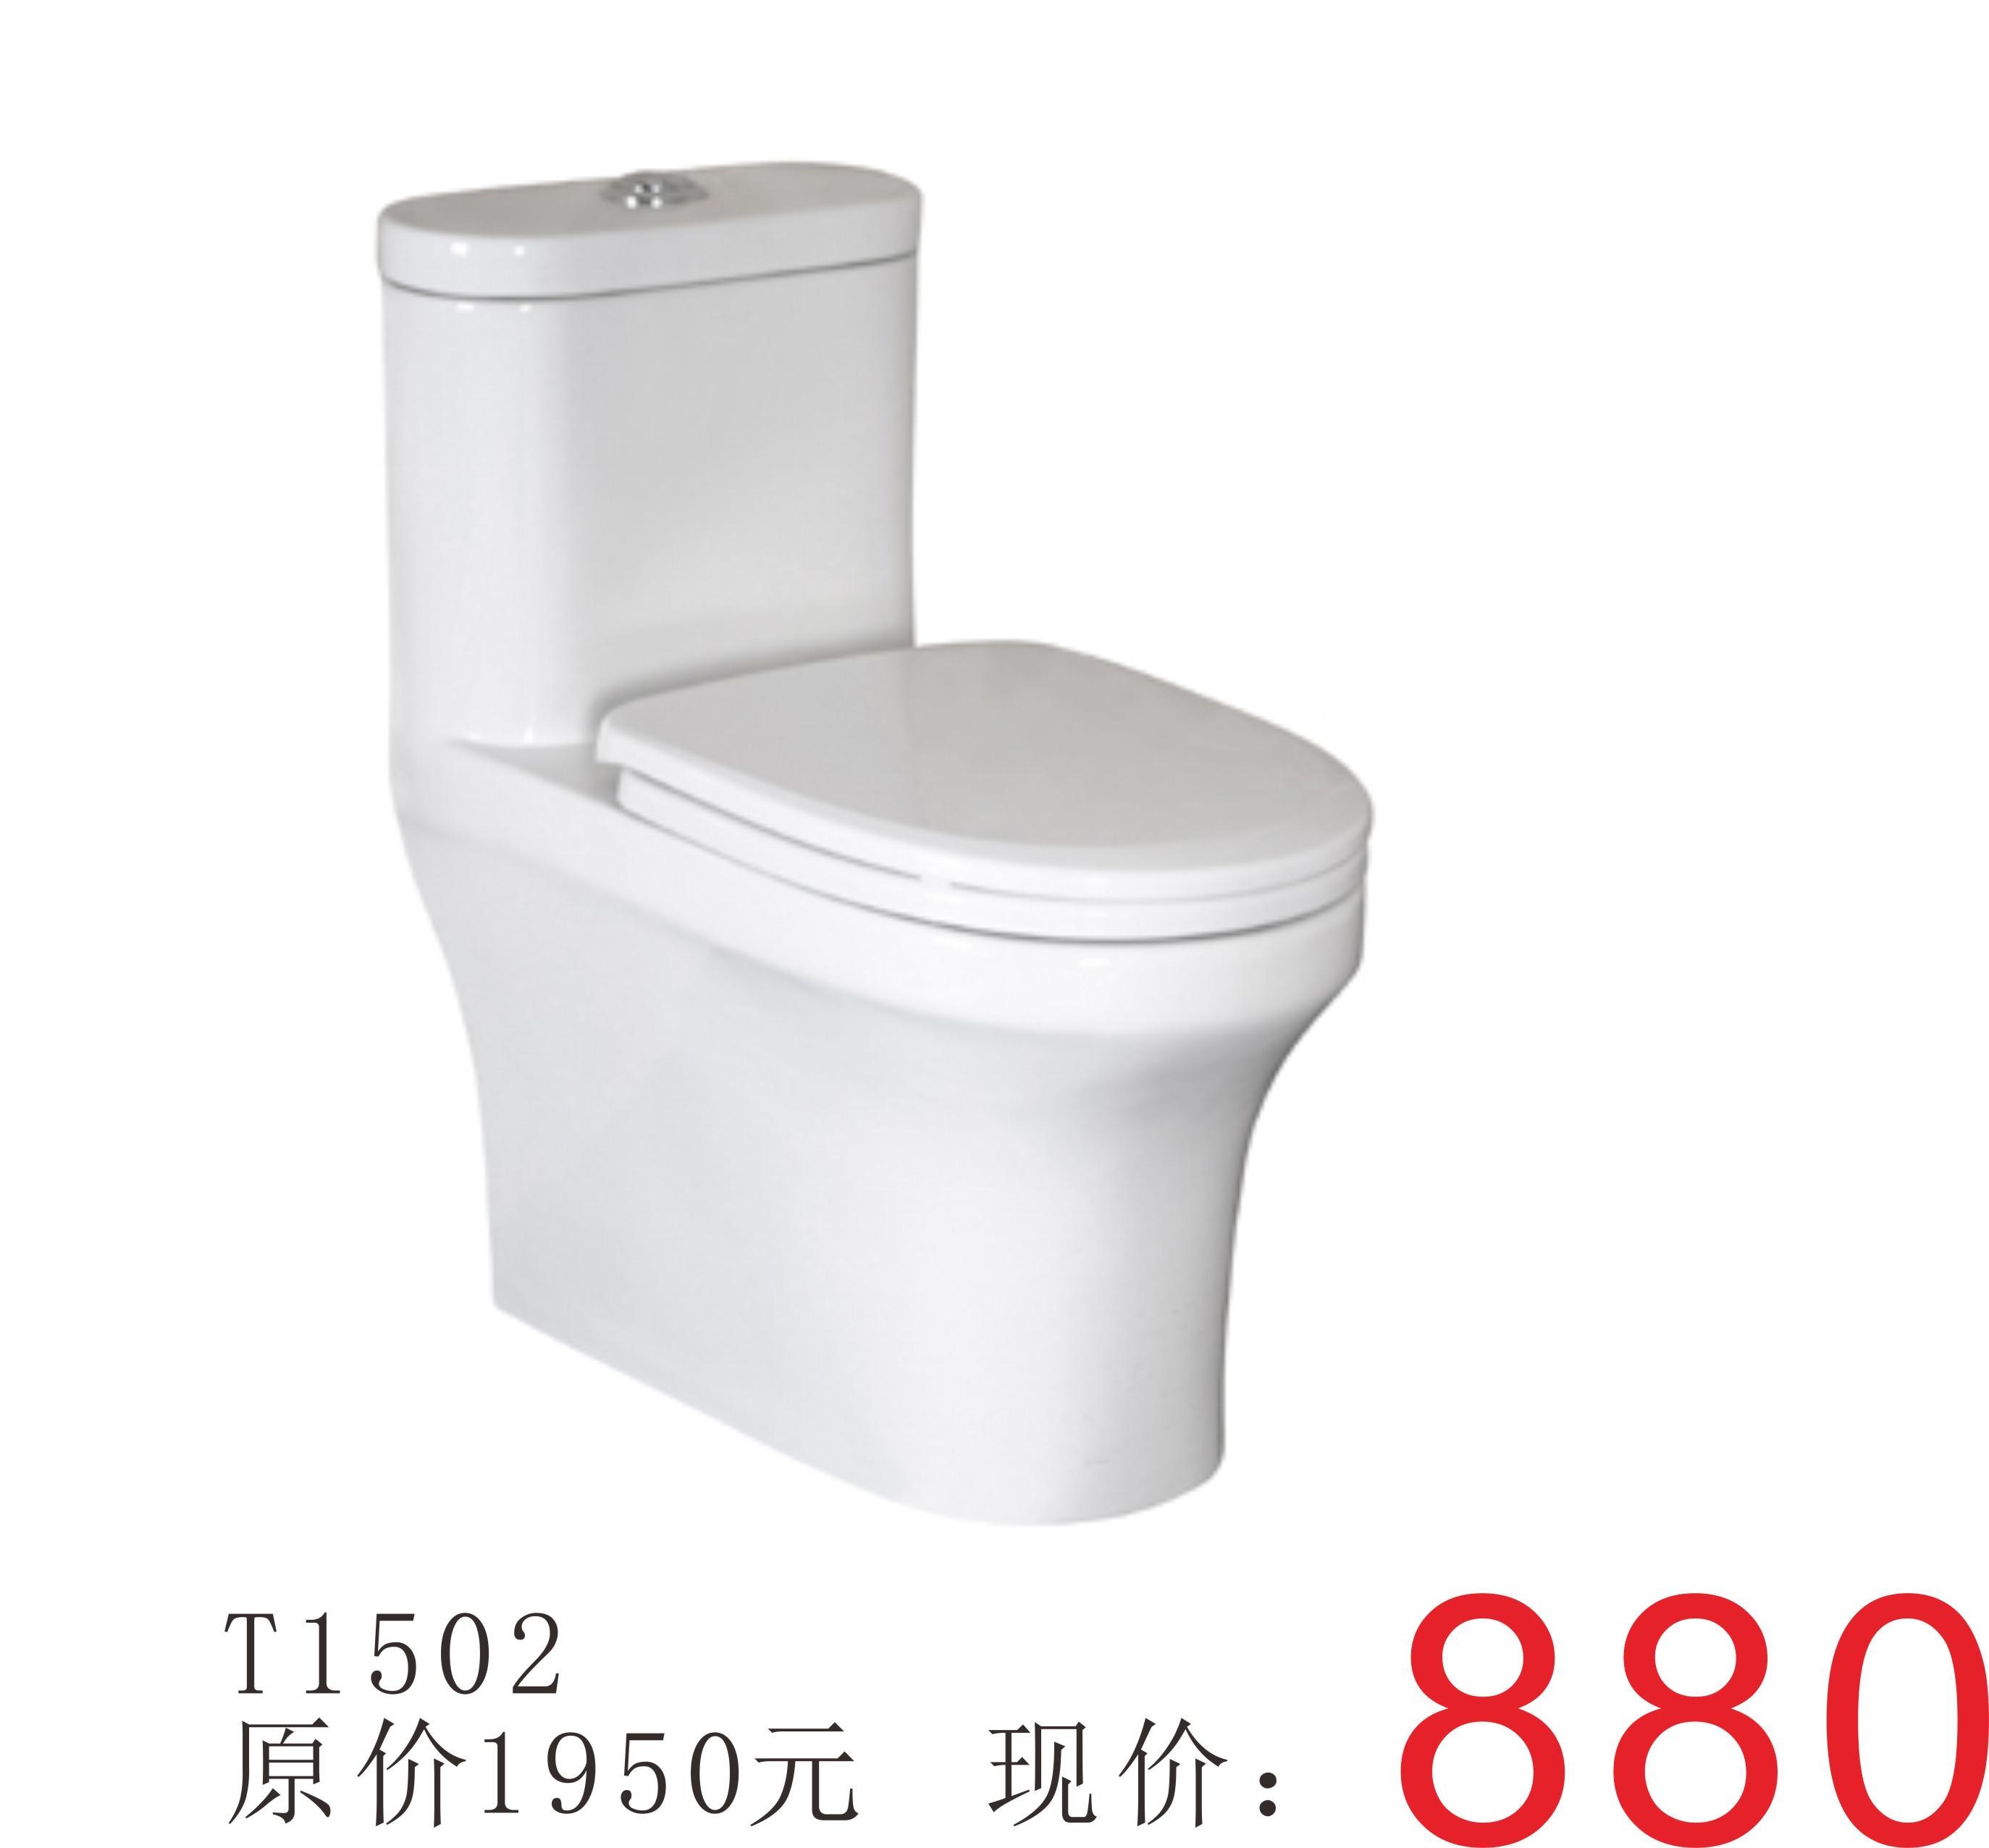 欧联卫浴 T1502马桶